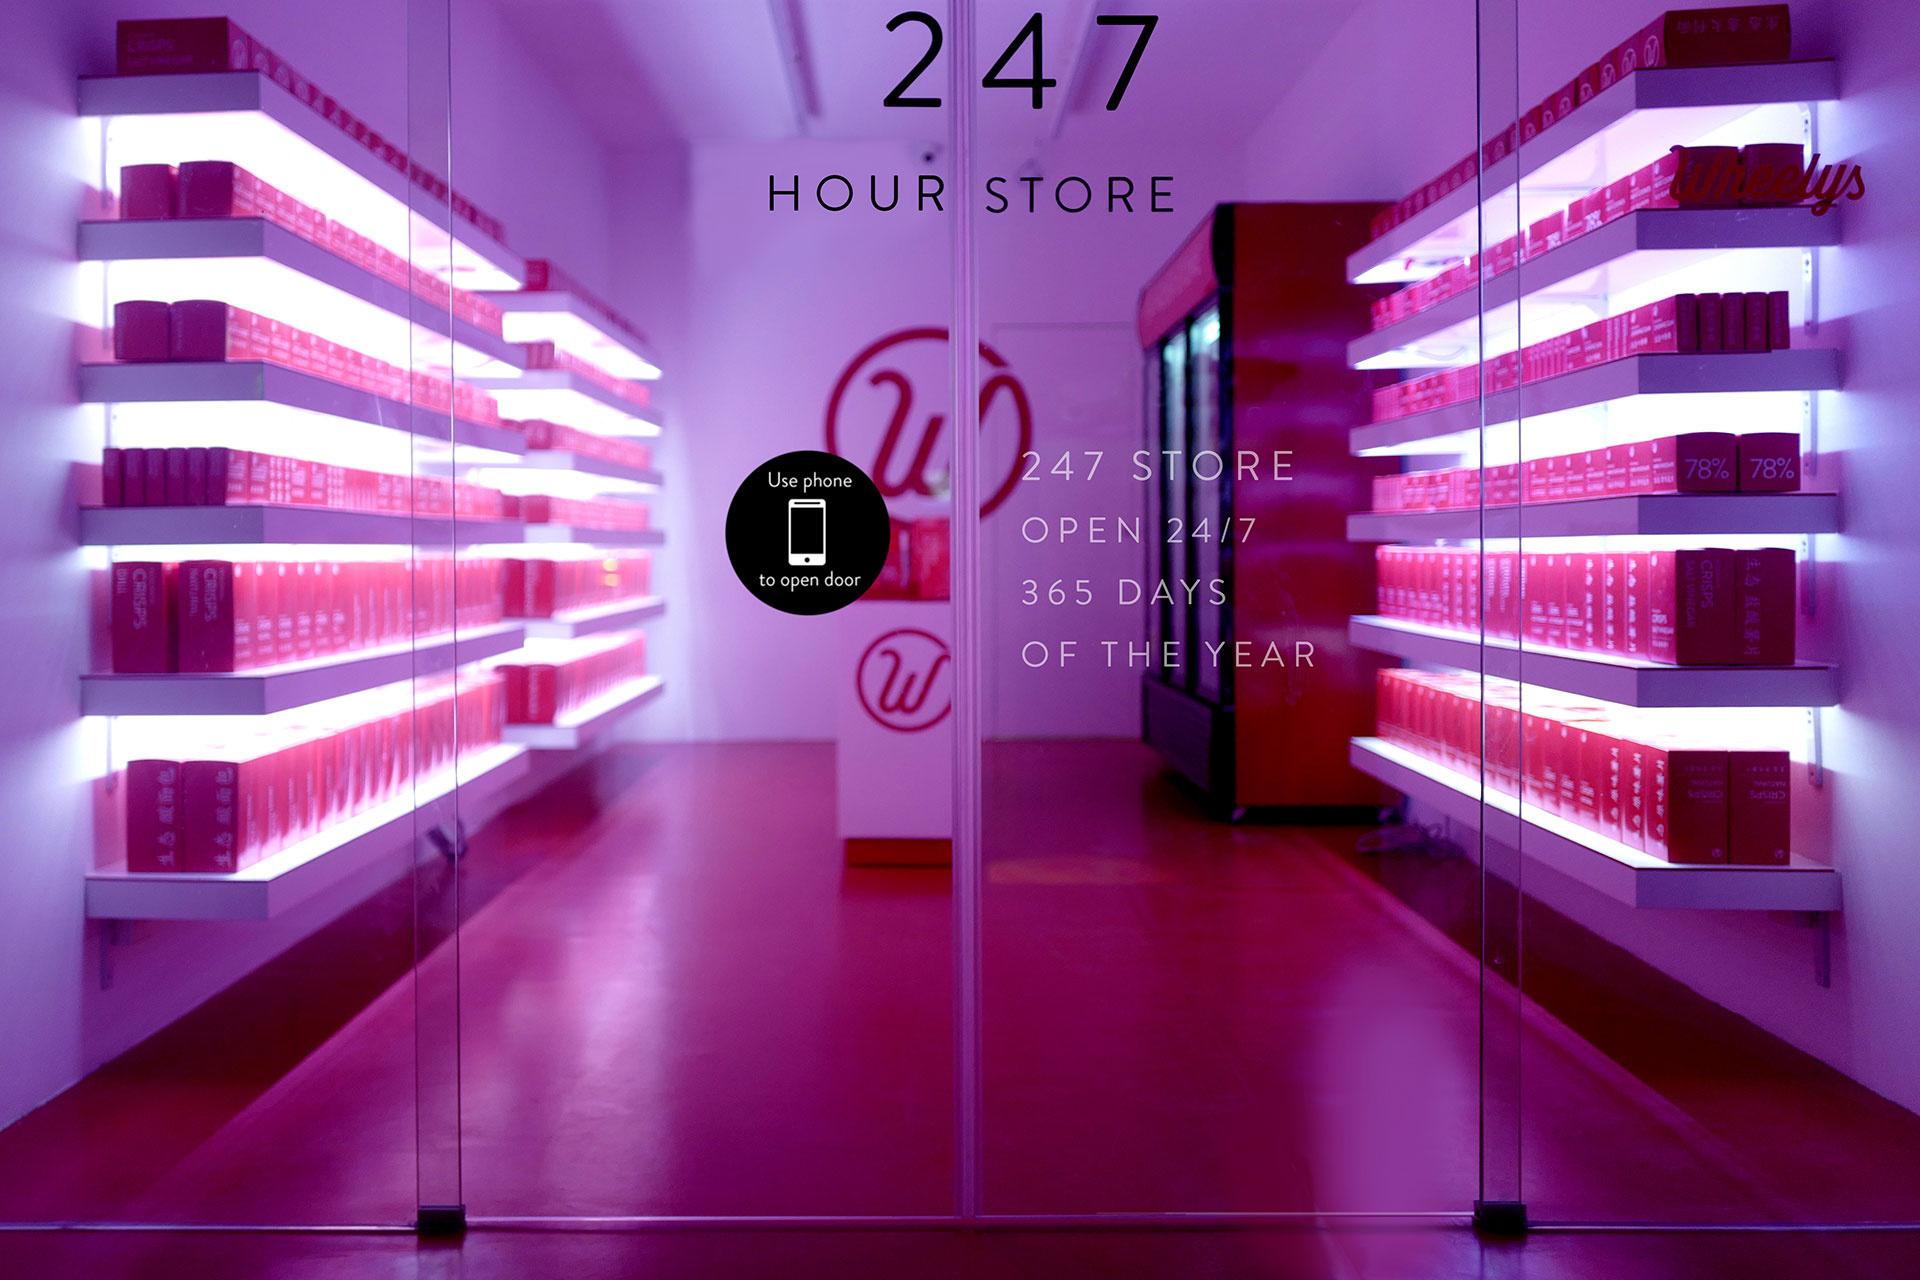 В Китае открылся круглосуточный магазин без обслуживающего персонала